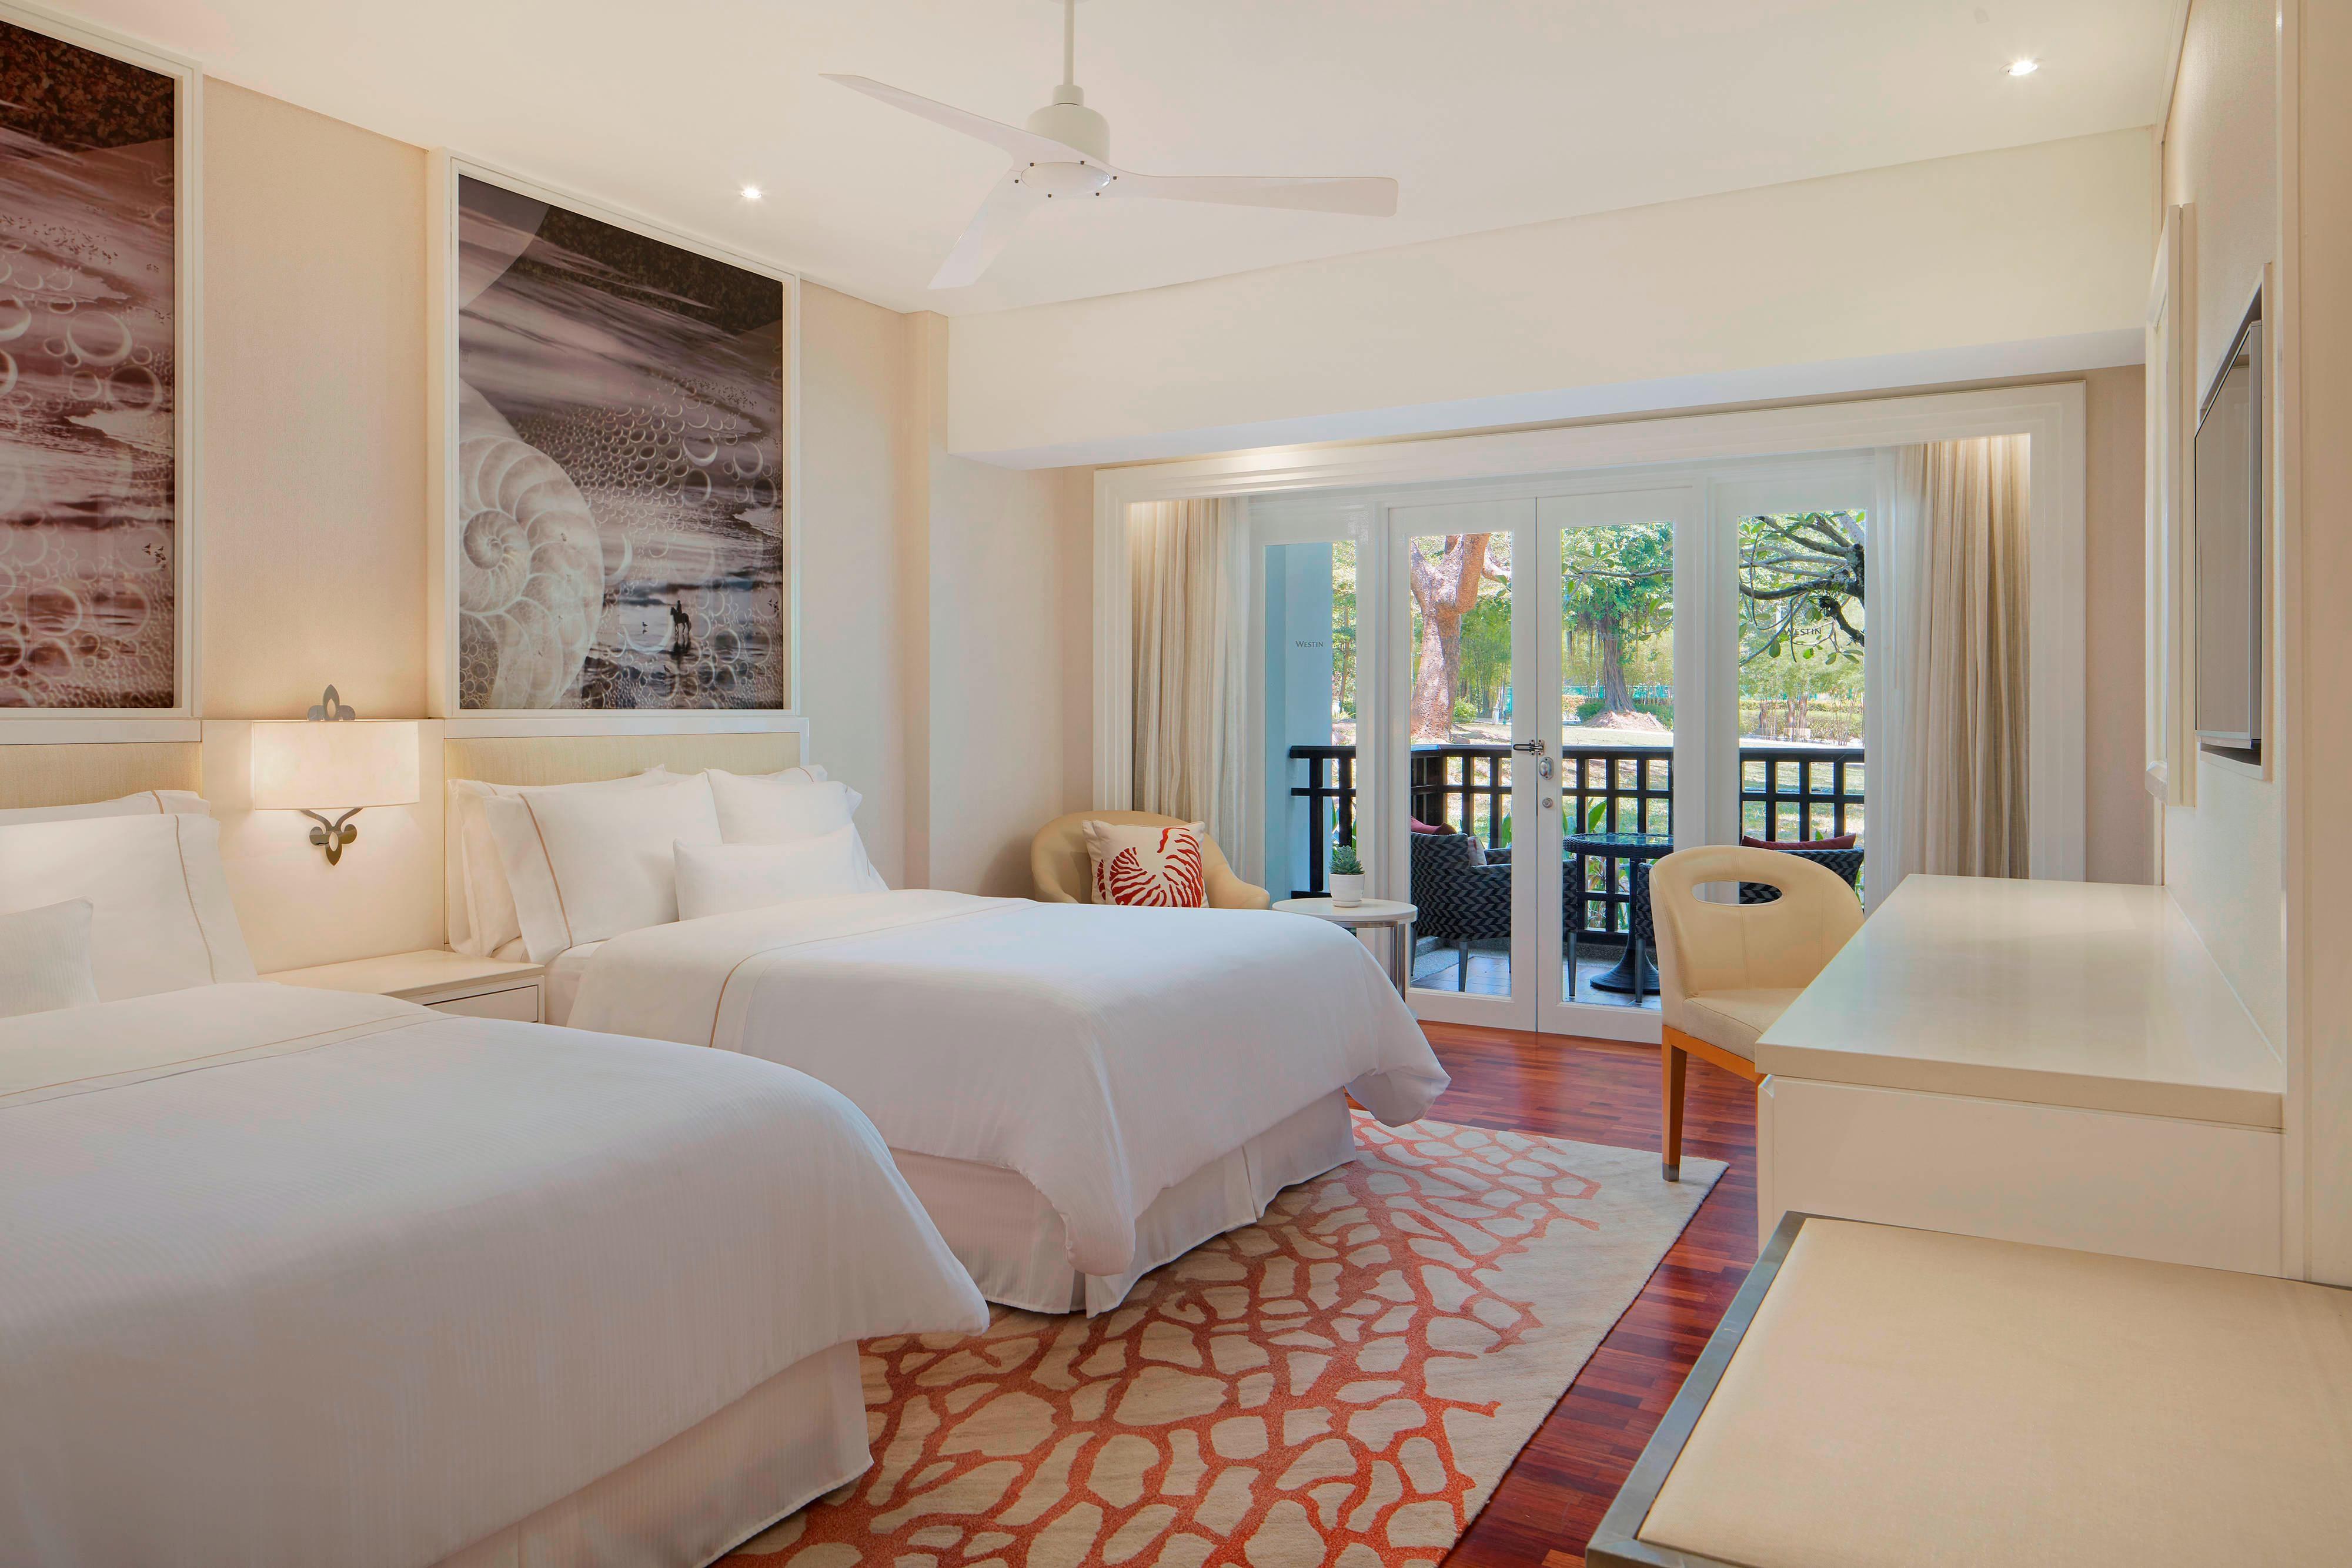 Chambre Premium avec deuxlits queen size et vue sur le jardin